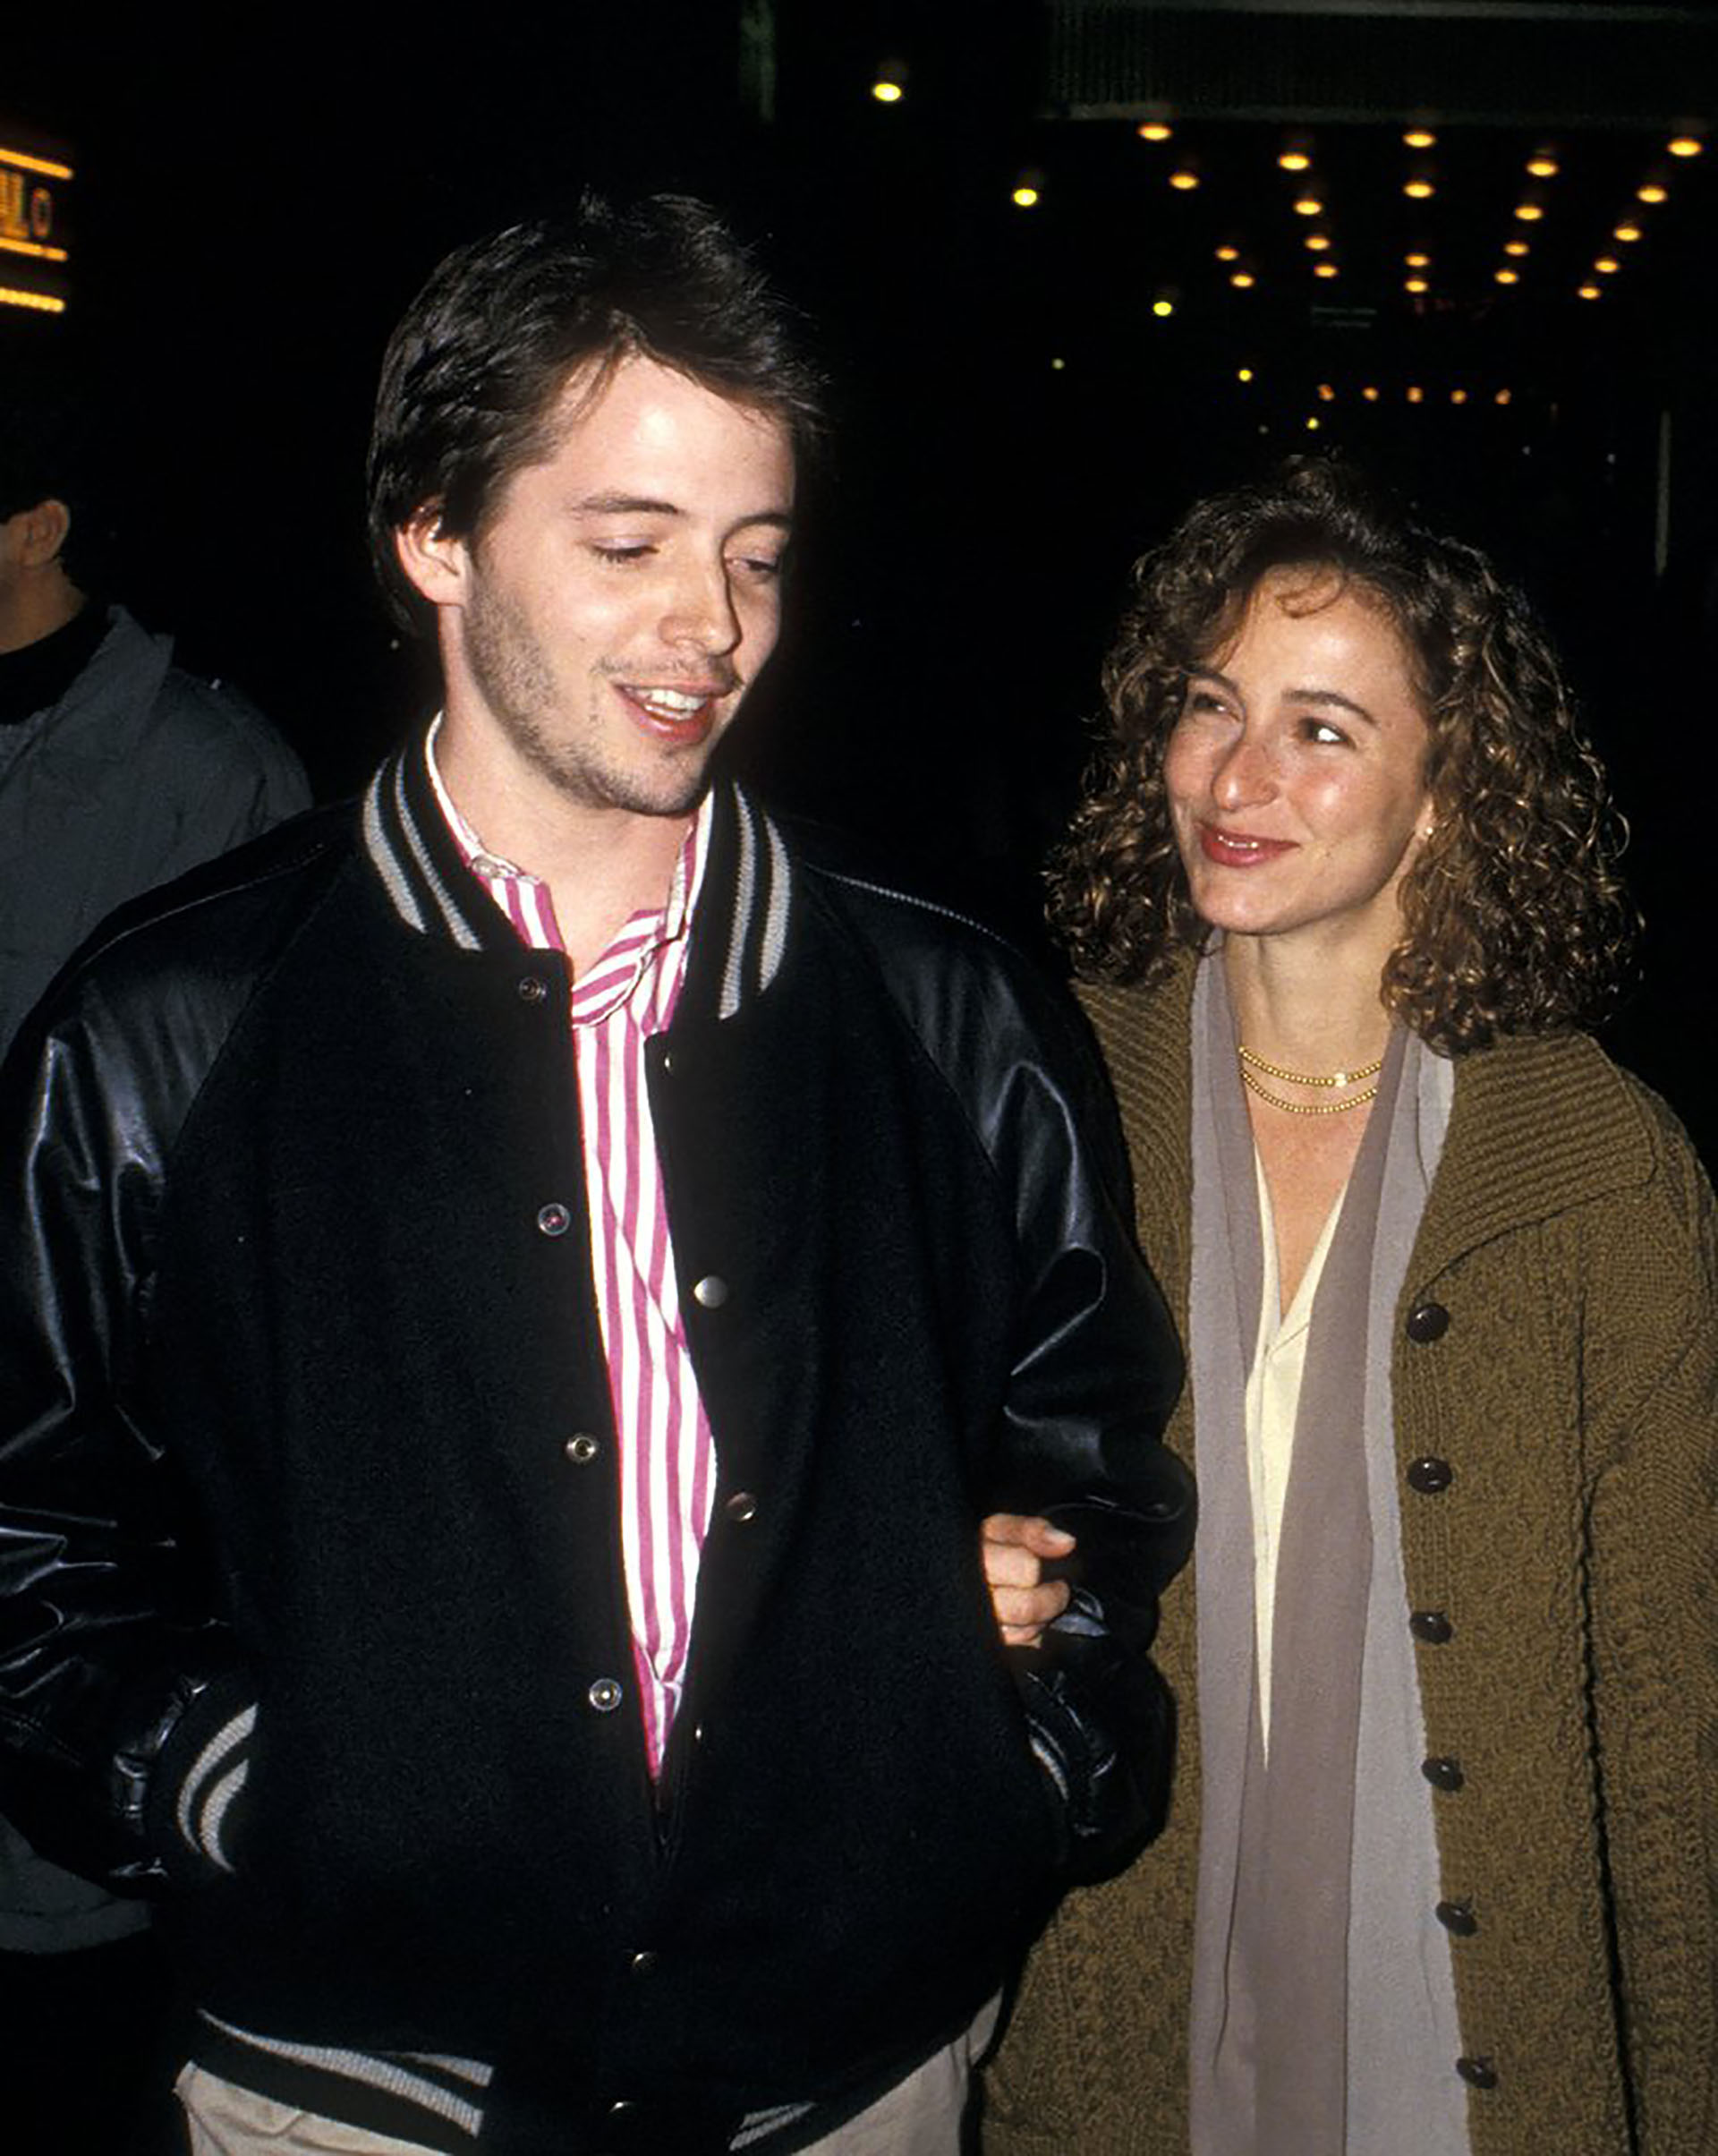 Matthew Broderick, cuando ya era actor, pero todavía no era el esposo de Sarah Jessica Parker, durante unas vacaciones en Irlanda estrelló su auto alquilado contra otro donde iban una madre y su hija, que murieron. El fatal choque ocurrió el 5 de agosto de 1987